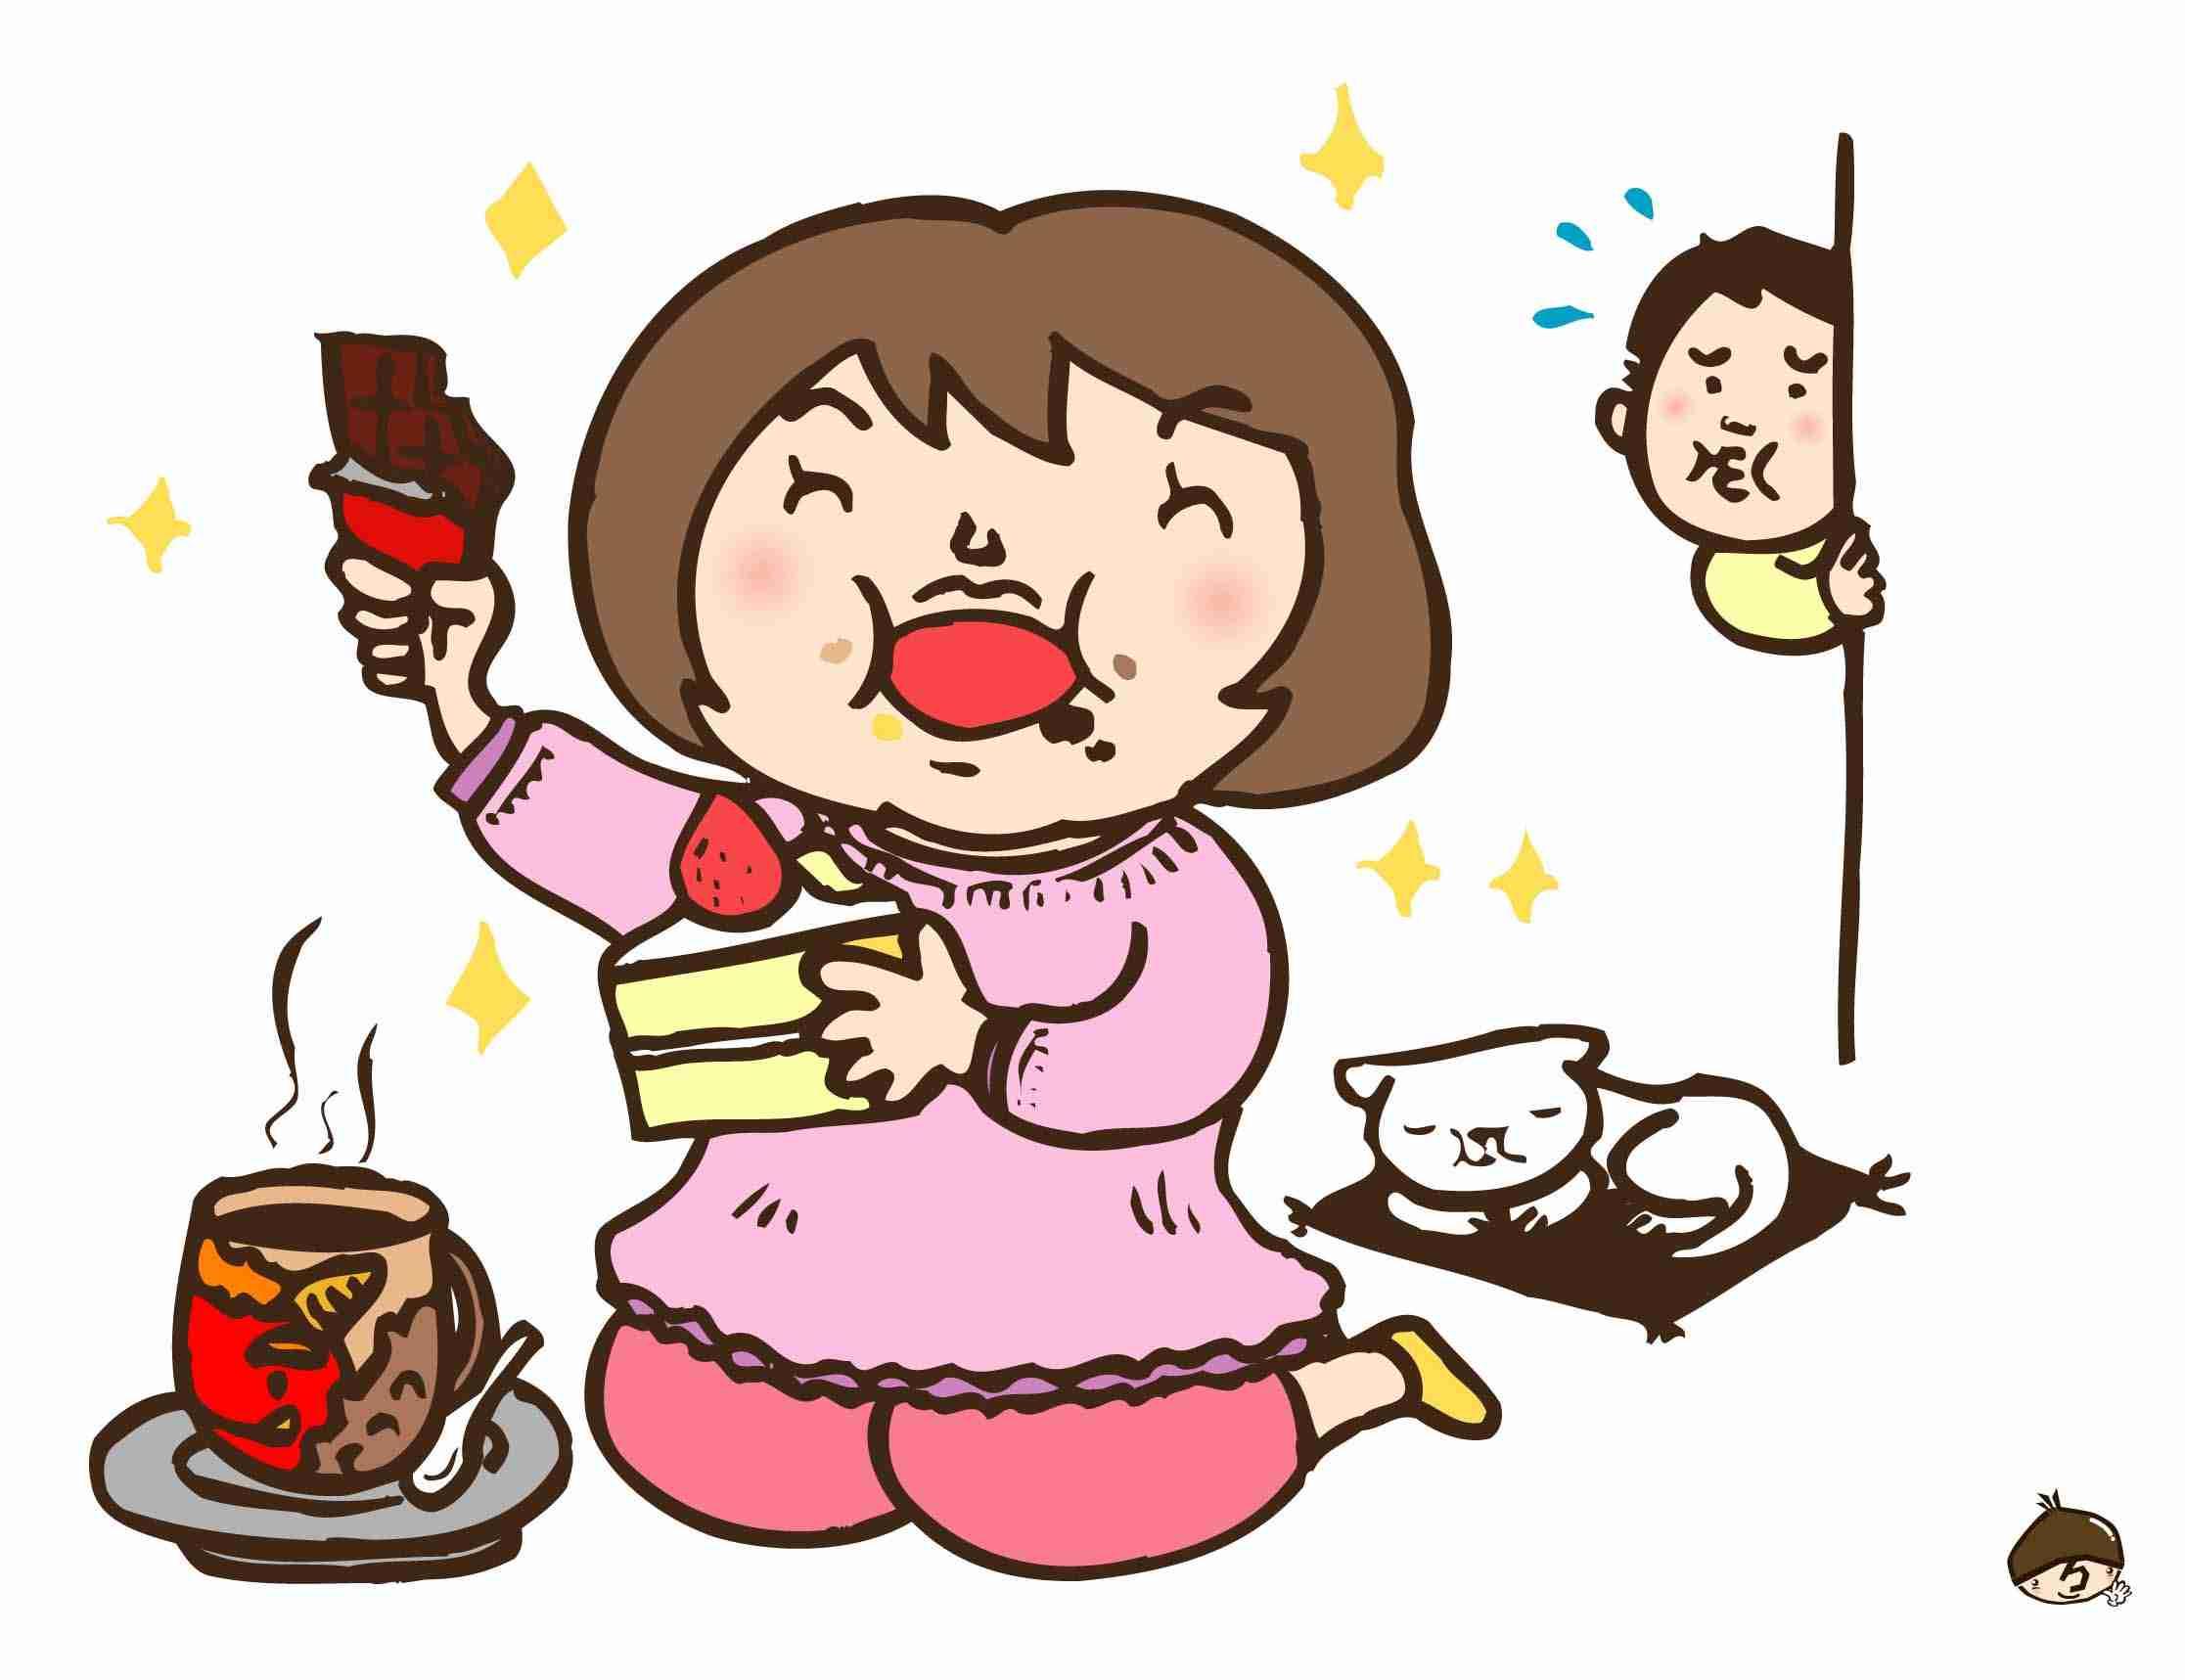 食べ過ぎを告白するトピ